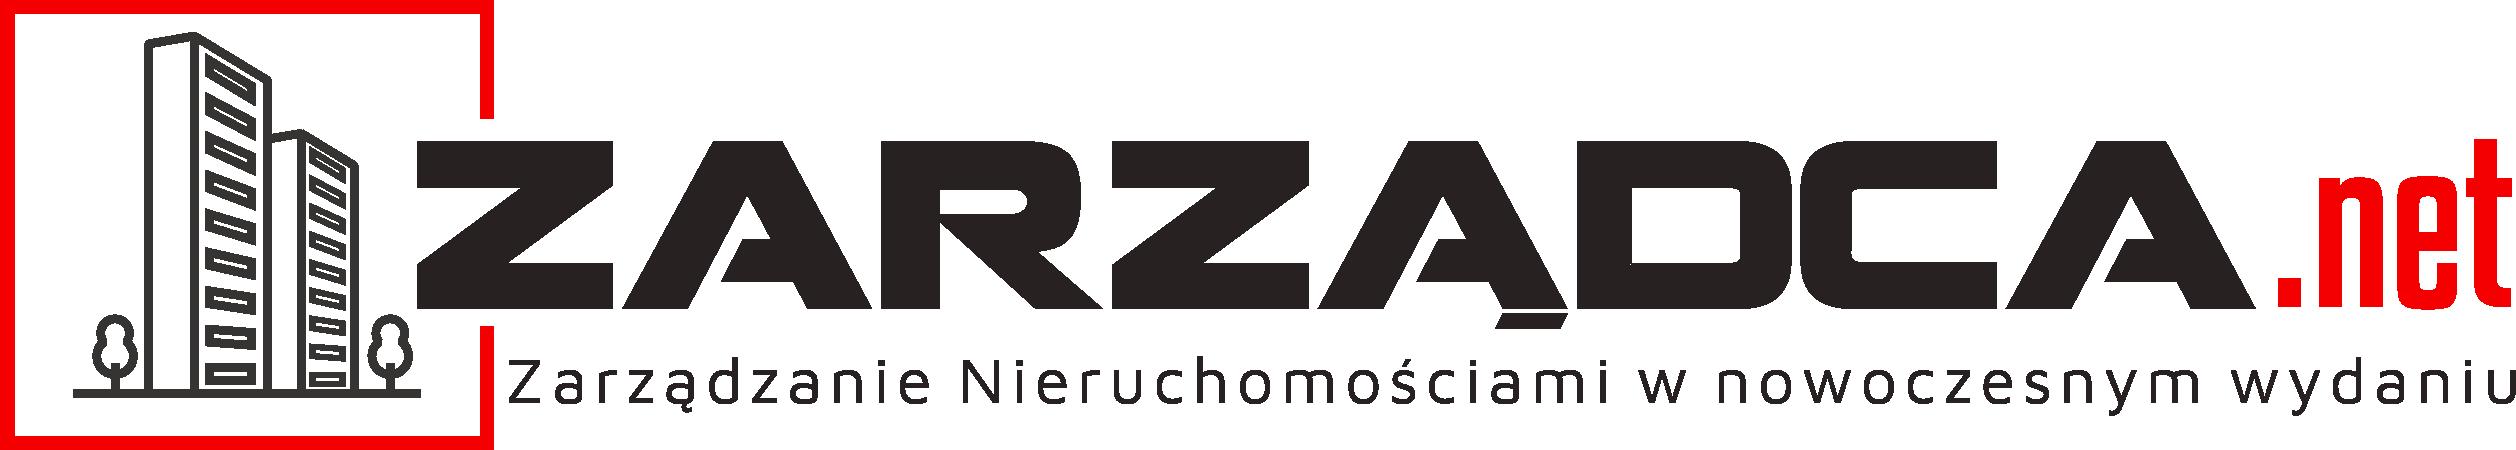 Forum.Zarzadca.net